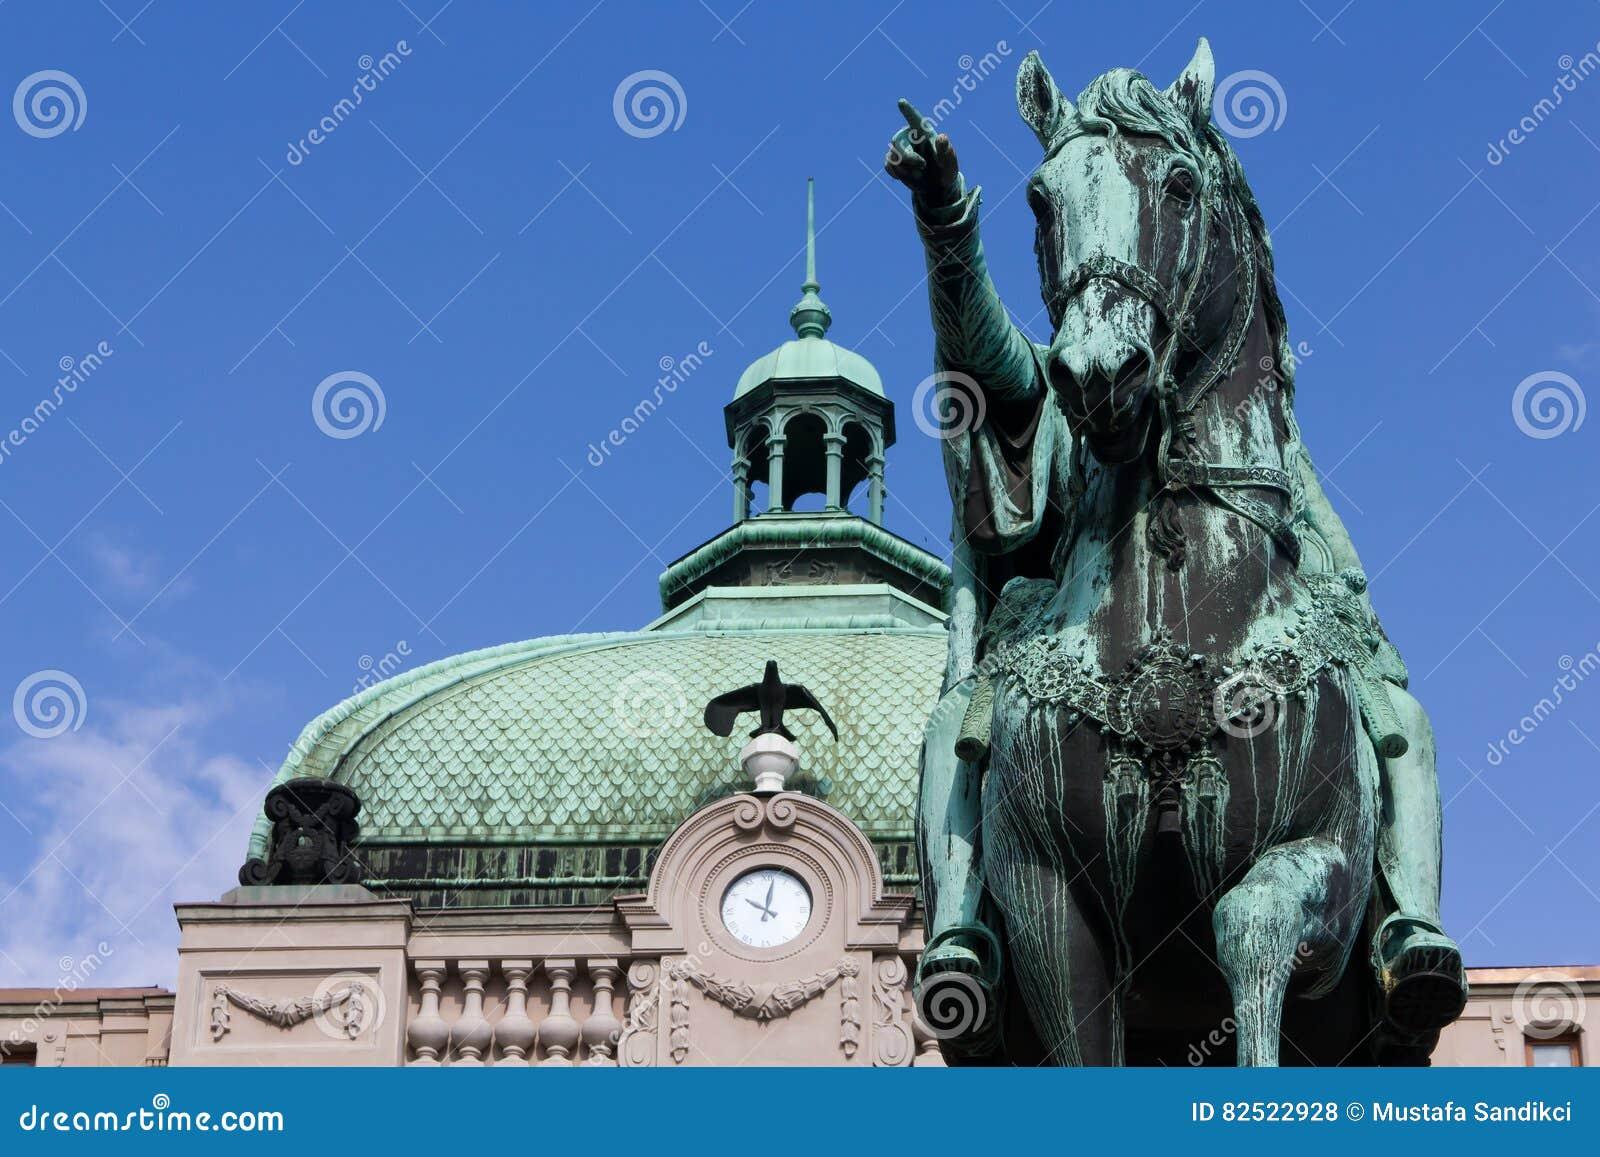 Quadrato della Repubblica, principe Mihailo Monument, Belgrado